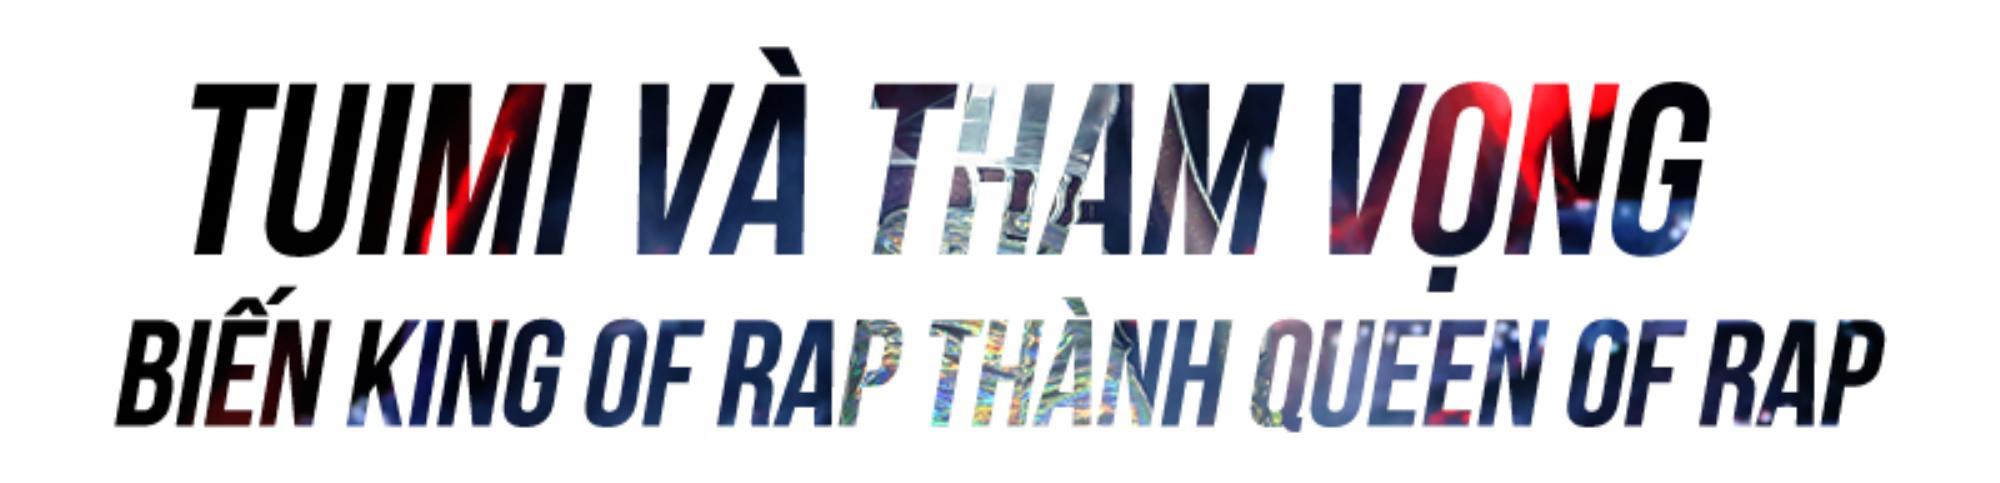 Hành trình đến ngôi vị Á quân King Of Rap của Tuimi: Nhân tố bí ẩn chính thức trở thành Queen Of Rap Ảnh 1